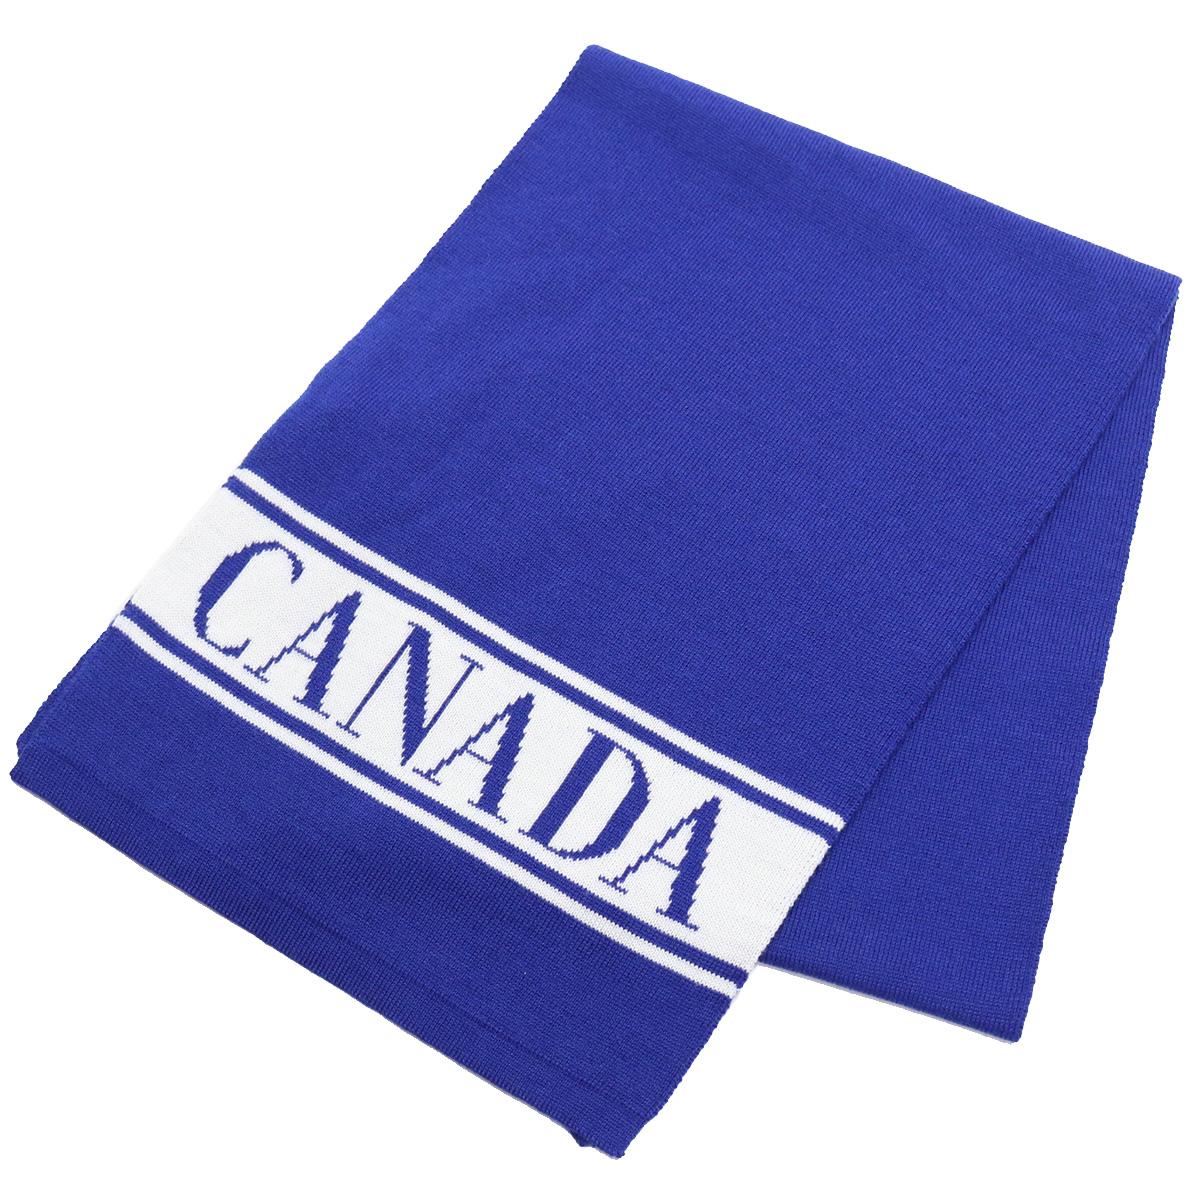 カナダグース CANADA GOOSE KIDS MERINO LOGO SCARF キッズ-マフラー 6955K 260 BLUE ブルー系 bos-16 warm-01